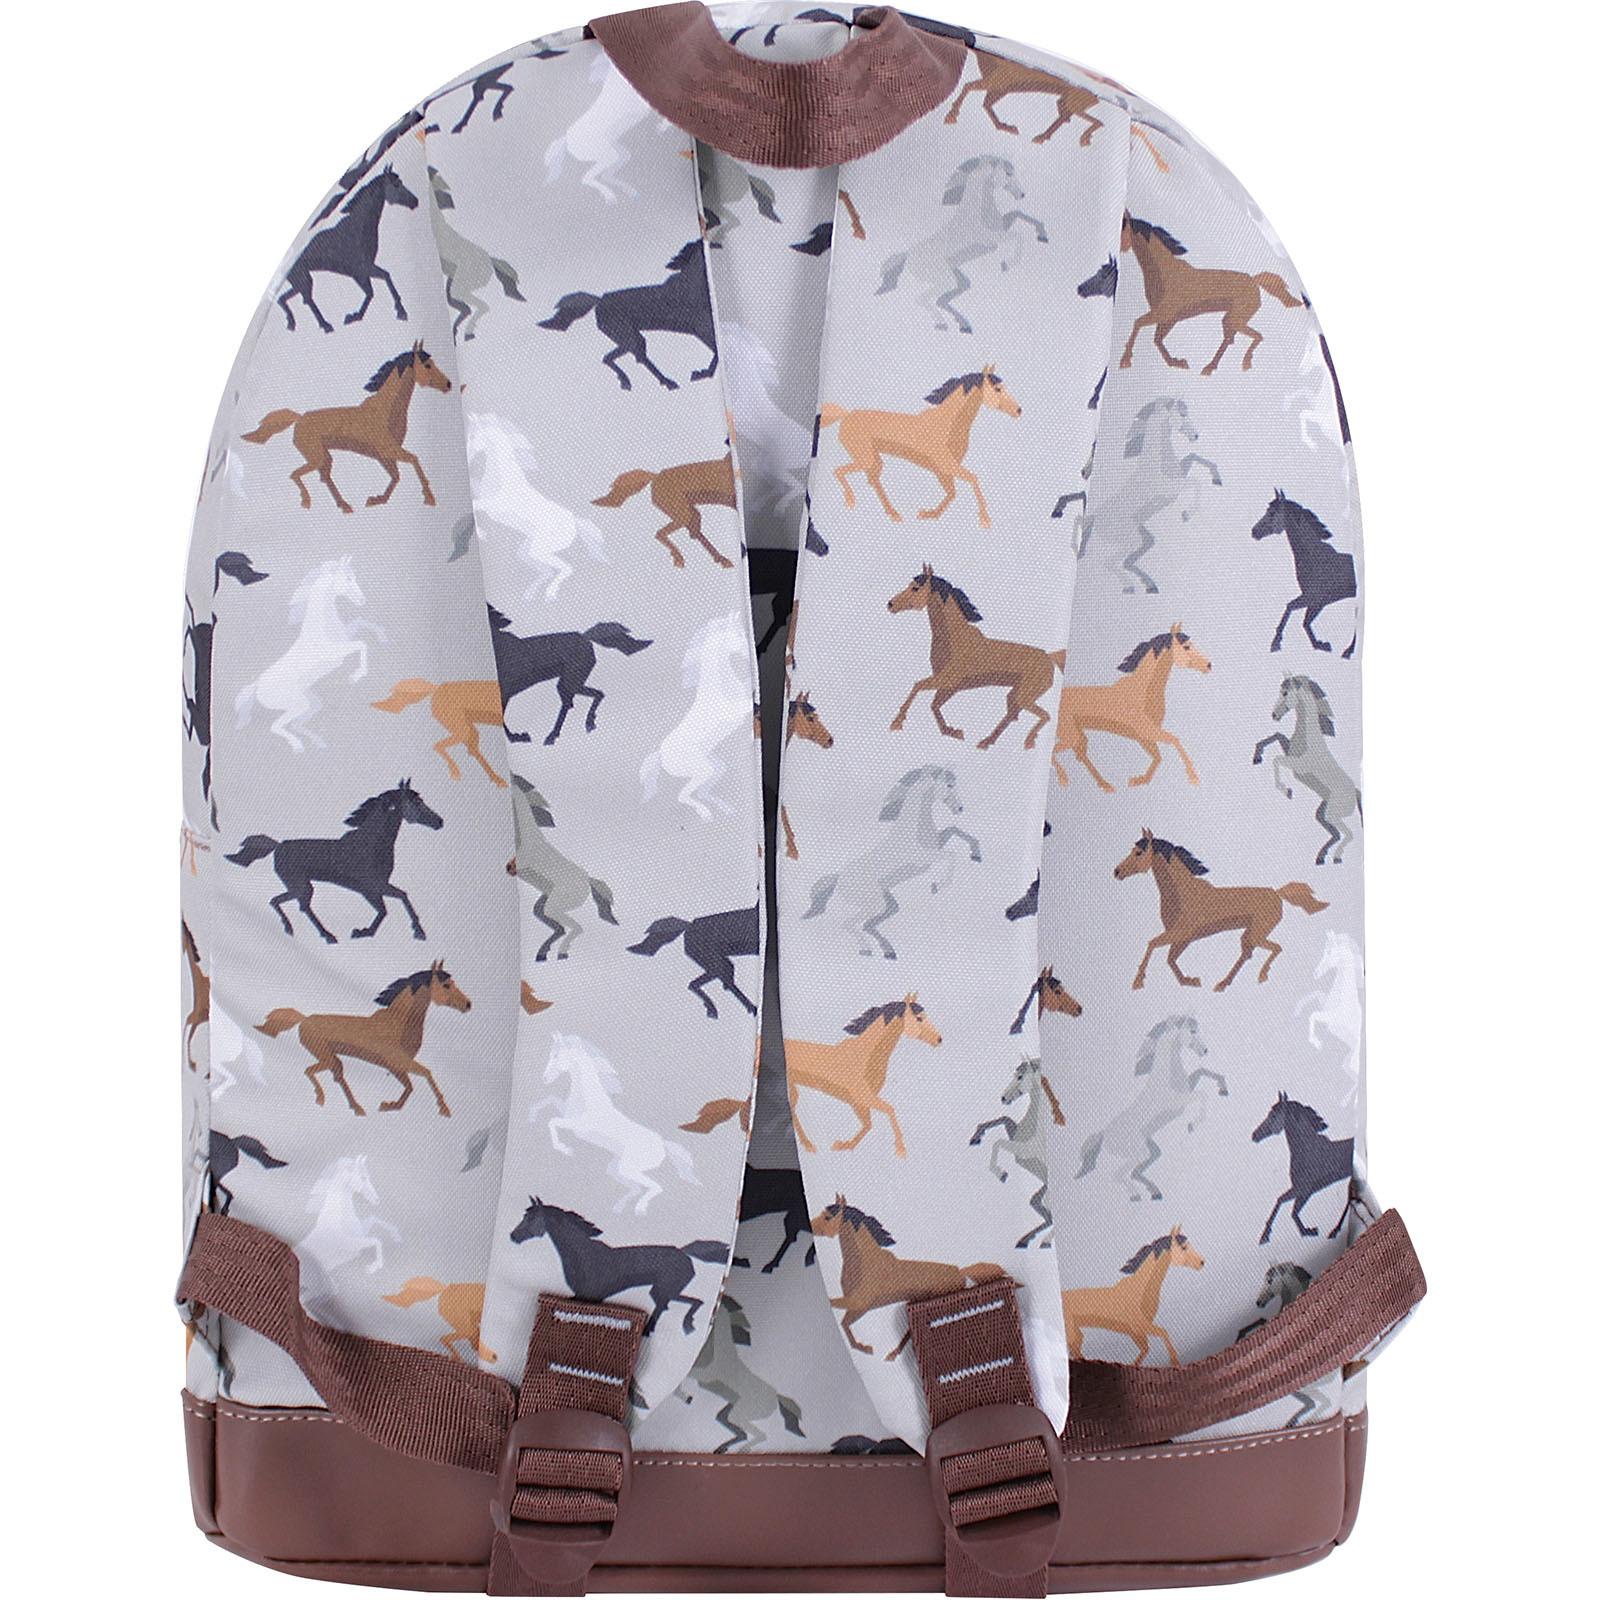 Рюкзак Bagland Молодежный 17 л. сублимация (лошади) (005336640) фото 3